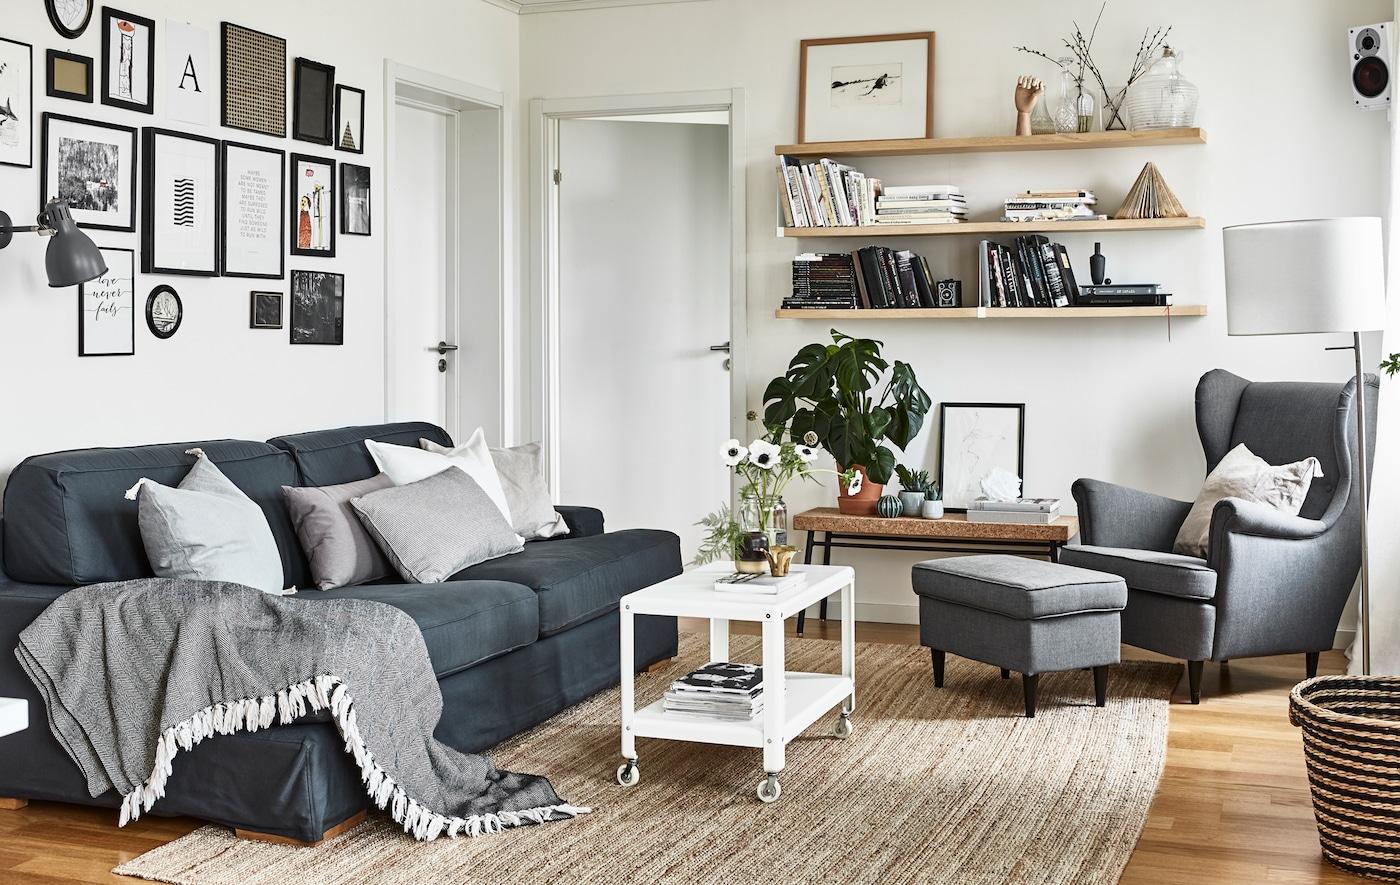 Asunnon myyntistailaus – Stailataan asunto myyntikuntoon yhdessä